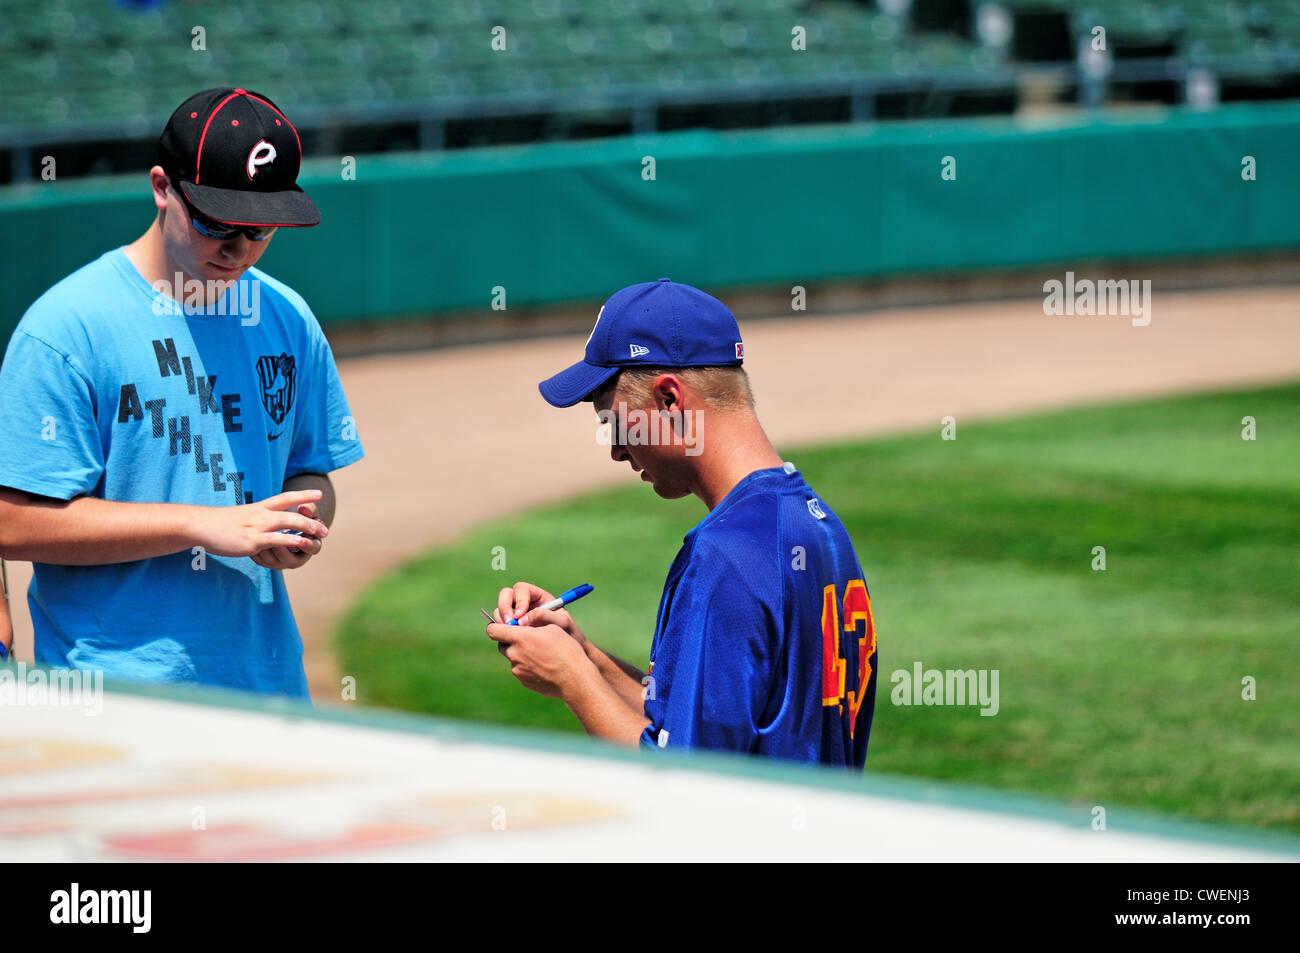 a09c4022478de Jugador de béisbol proporciona un autógrafo a un fan antes de iniciar un juego  de ligas